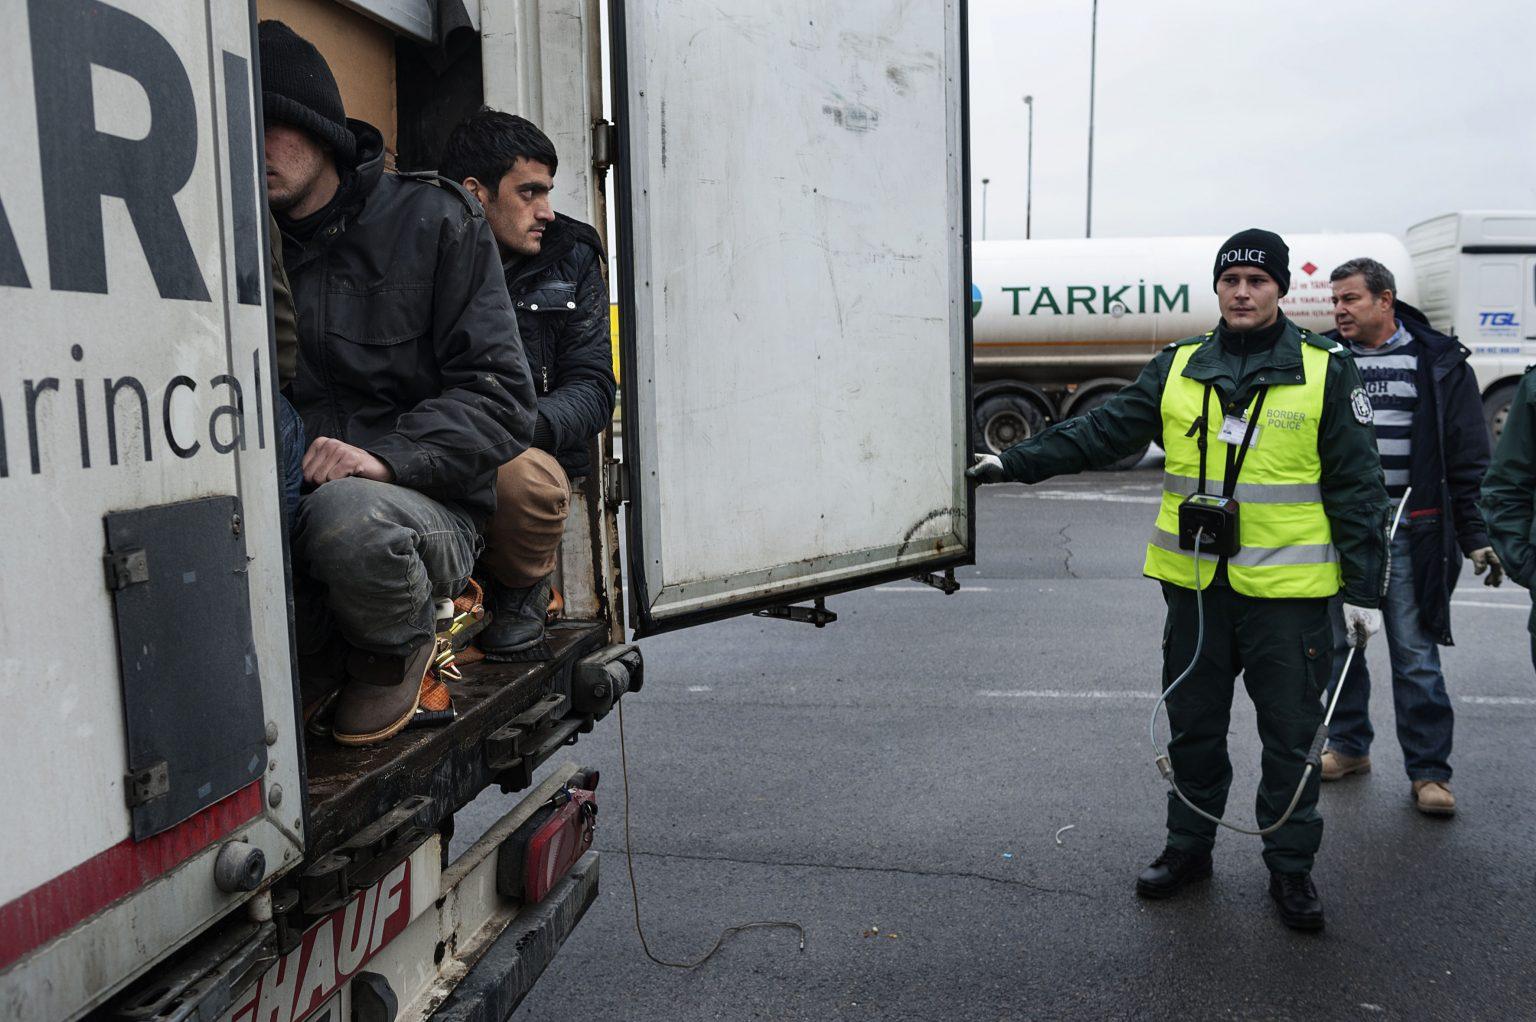 Lesovo, Bulgaria, December 2014 - Border policemen showing how they found 3 of the 5 Afghan boys in a truck coming from Turkey. The three boys were just brought out to be identified in the security cell; police officers asked migrants to reposition themselves in the truck, in the same manner in which they were found a few minutes before. Officers say that since January 2013 more than 1,300 refugees crossed the border hiding themselves in the trucks coming from Turkey.       -------         Since 2013 the number of the refugees entered in the country is raised, but Bulgaria is only a transit point for these people, who in large part want to reach the northern European countries.     ><  Lesovo, Bulgaria, dicembre 2014 - Poliziotti al confine mostrano come hanno trovato tre dei cinque ragazzi afghani nascosti in un camion proveniente dalla Turchia. I tre ragazzi sono stai appena tirati fuori per essere identificati nelle celle di sicurezza. La polizia ha chiesto agli immigrati di rimettersi nel camion nella stessa posizione in cui sono stati trovati qualche minuto prima  -     La polizia sostiene che da gennaio 2013 più di 1.300 profughi hanno attraversato il confine nascosti nei camion provenienti dalla Turchia.  ------        Dal 2013 il numero dei rifugiati entrati nel paese è aumentato, ma la Bulgaria è solo un punto di transito per queste persone, che in gran parte vogliono raggiungere i paesi del Nord Europa.    *** Local Caption *** 00557606